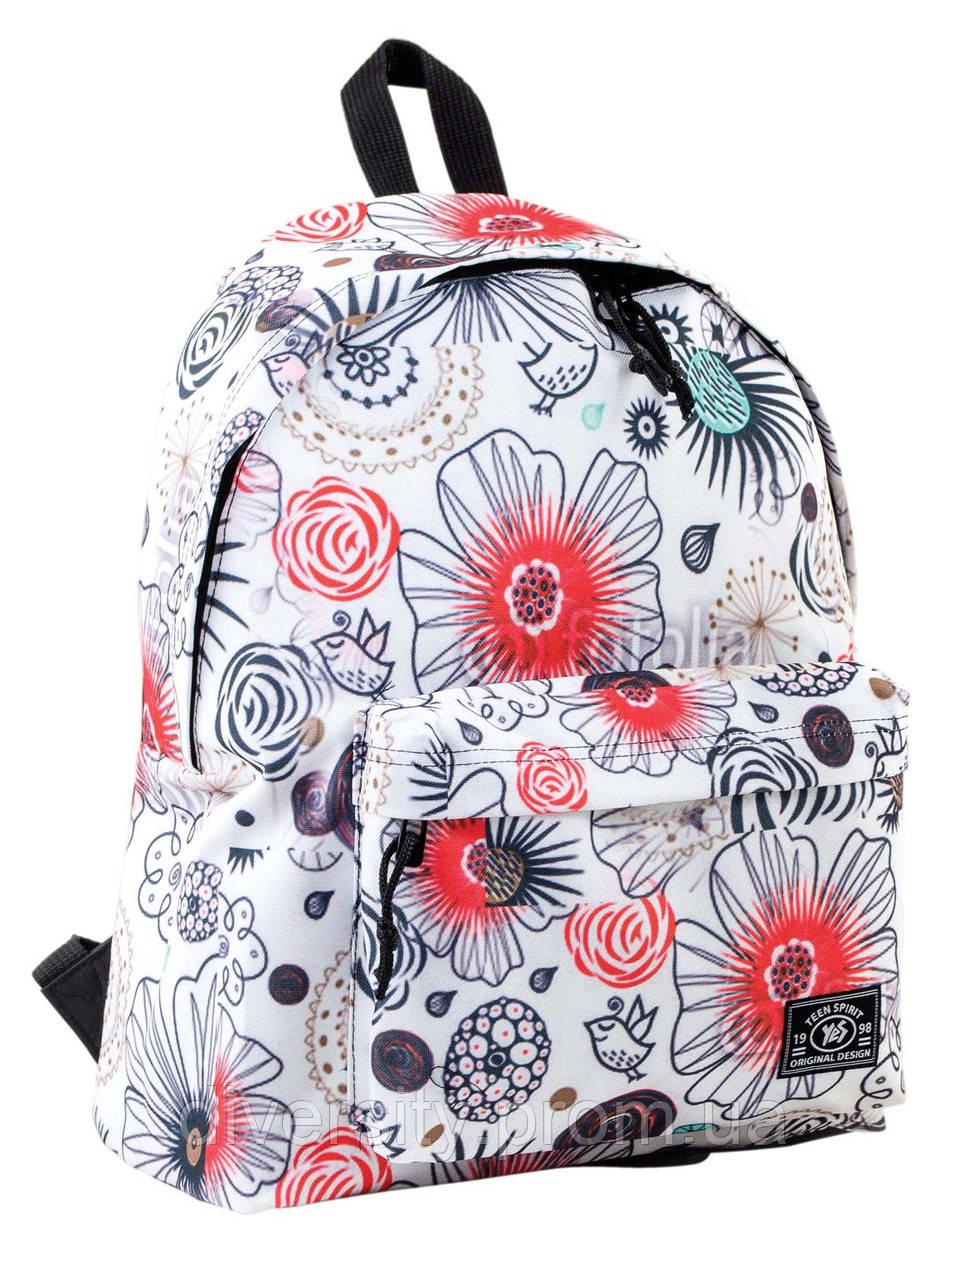 """Яркий и стильный  рюкзак """"Crazy 17"""" от компании  Yes"""